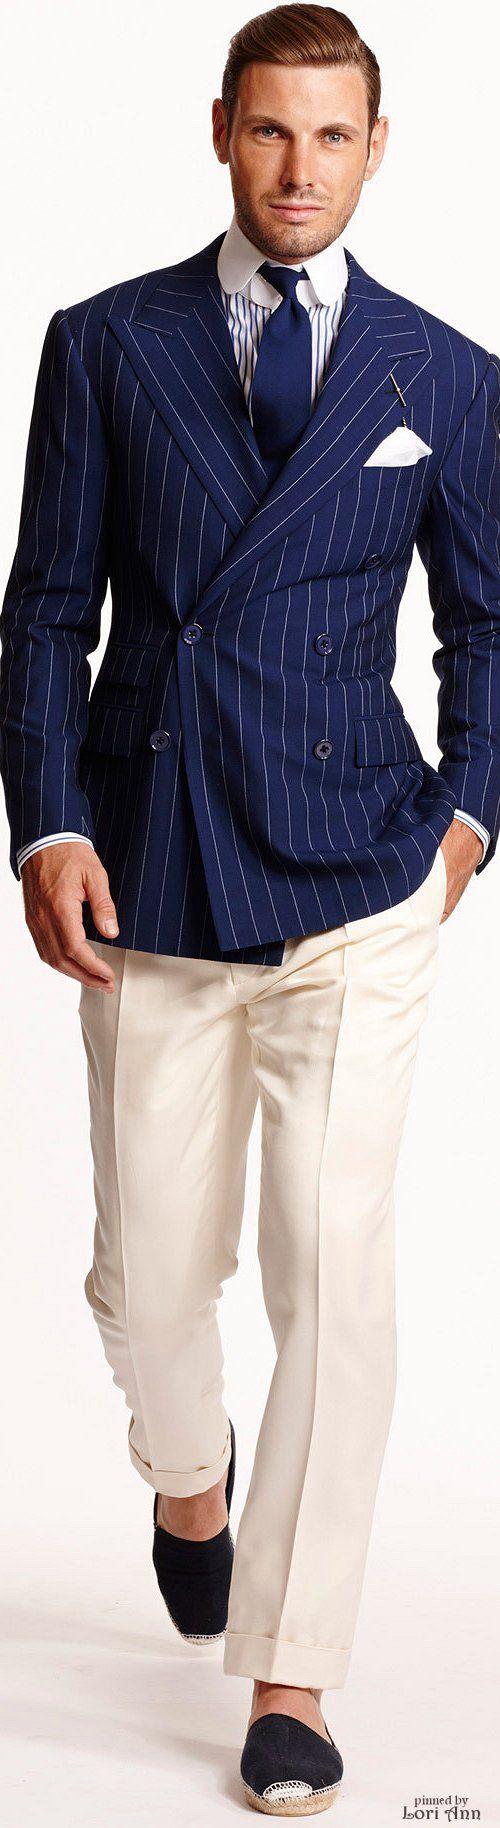 Farb- und Stilberatung mit www.farben-reich.com # Ralph Lauren Spring 2015 Menswear